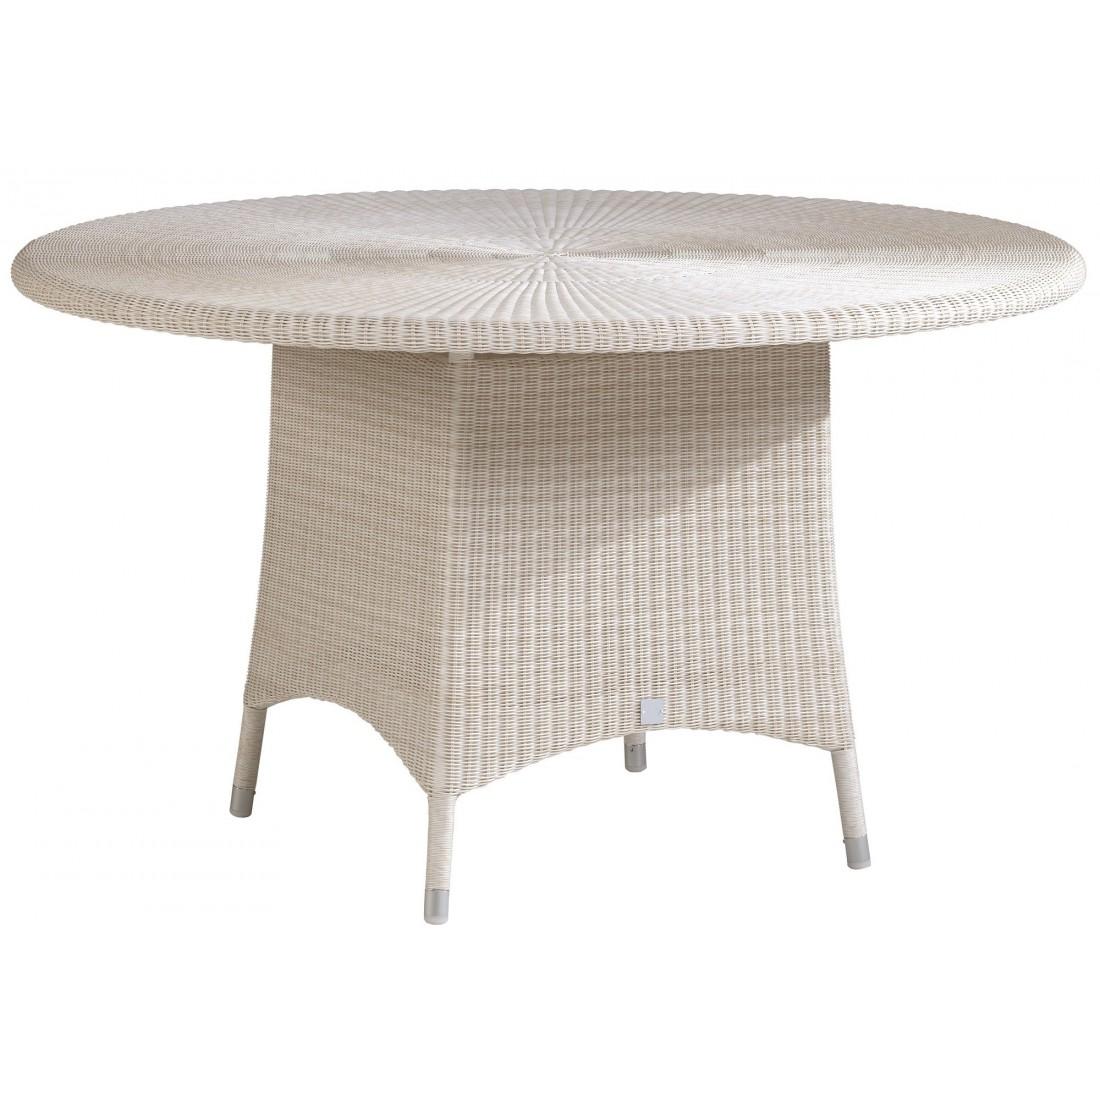 D co table de jardin kettler loft colombes 38 table basse palette table ronde en verre - Table basse jardin ikea colombes ...